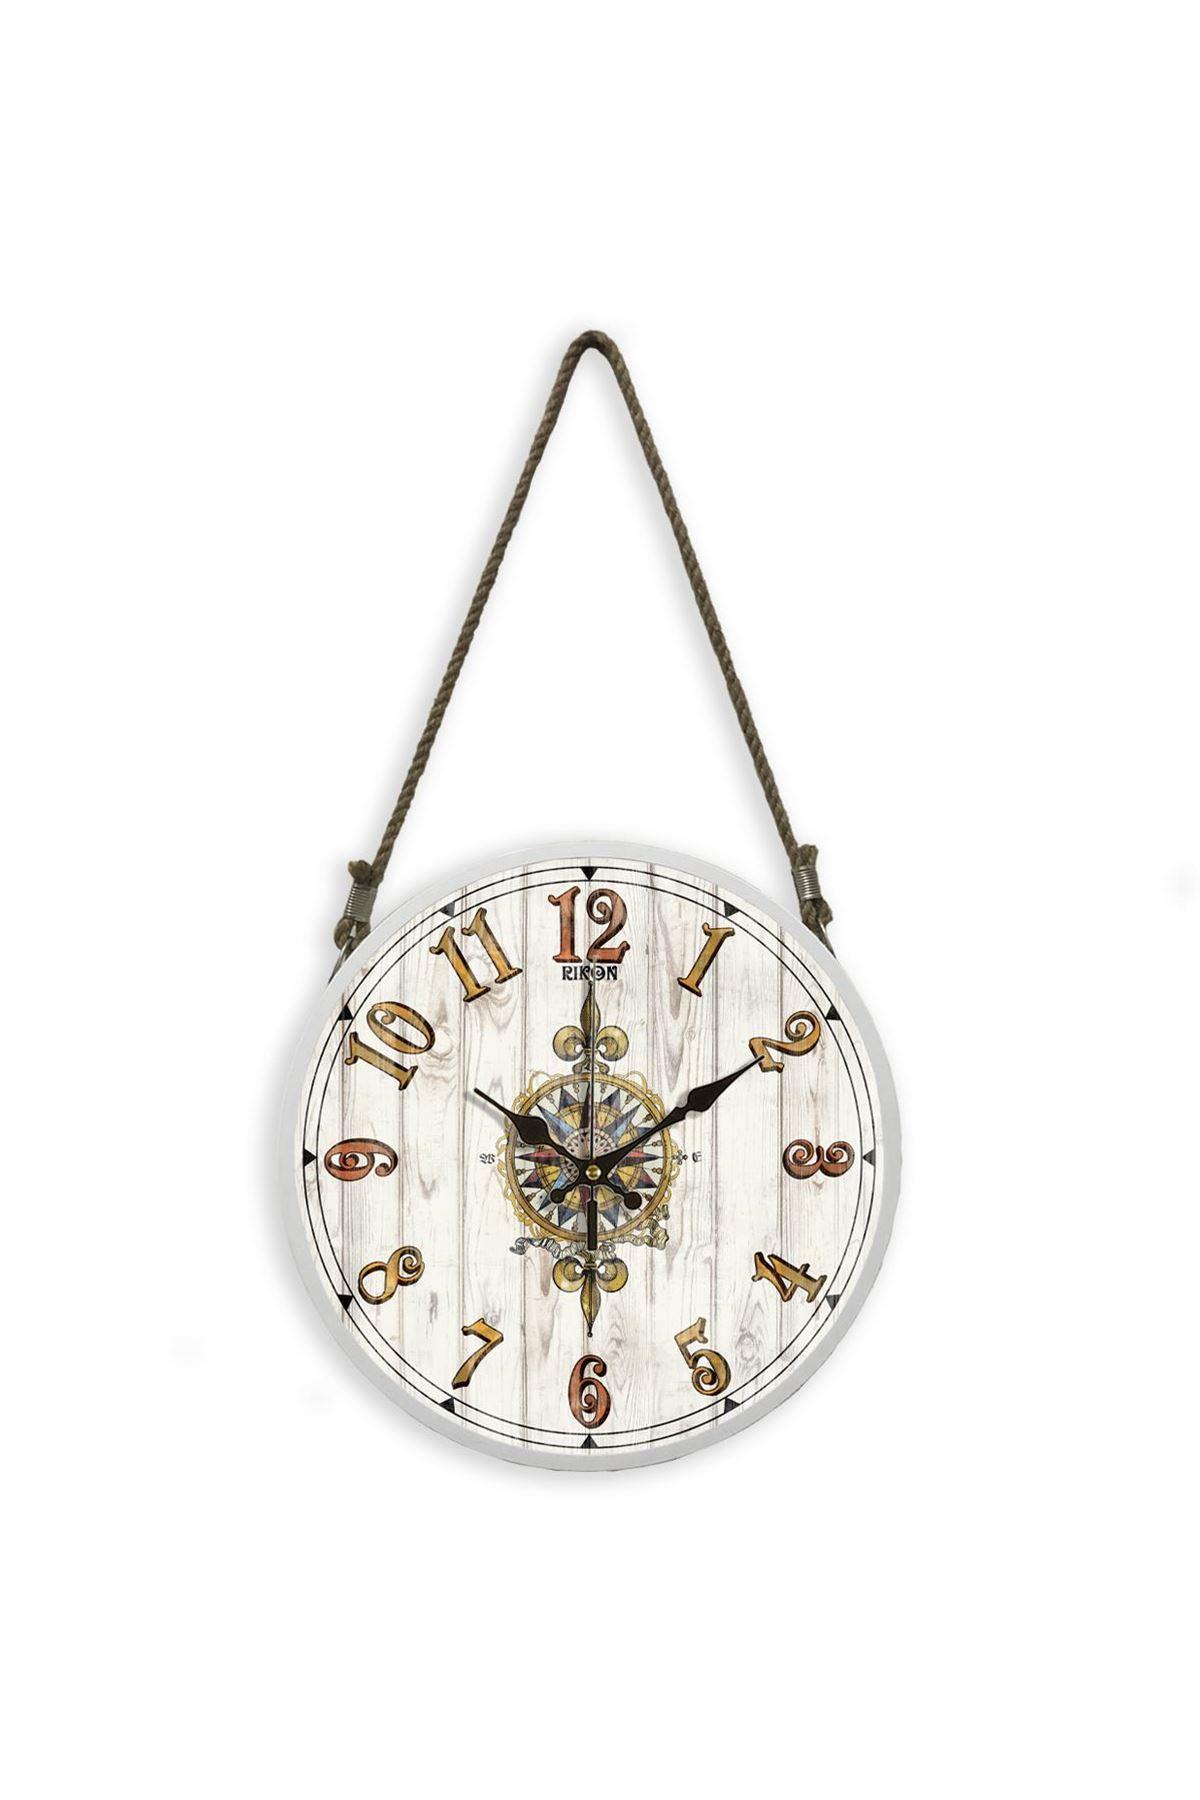 Rikon Halatlı Dekoratif Duvar Saati White Compass 60X31 Cm